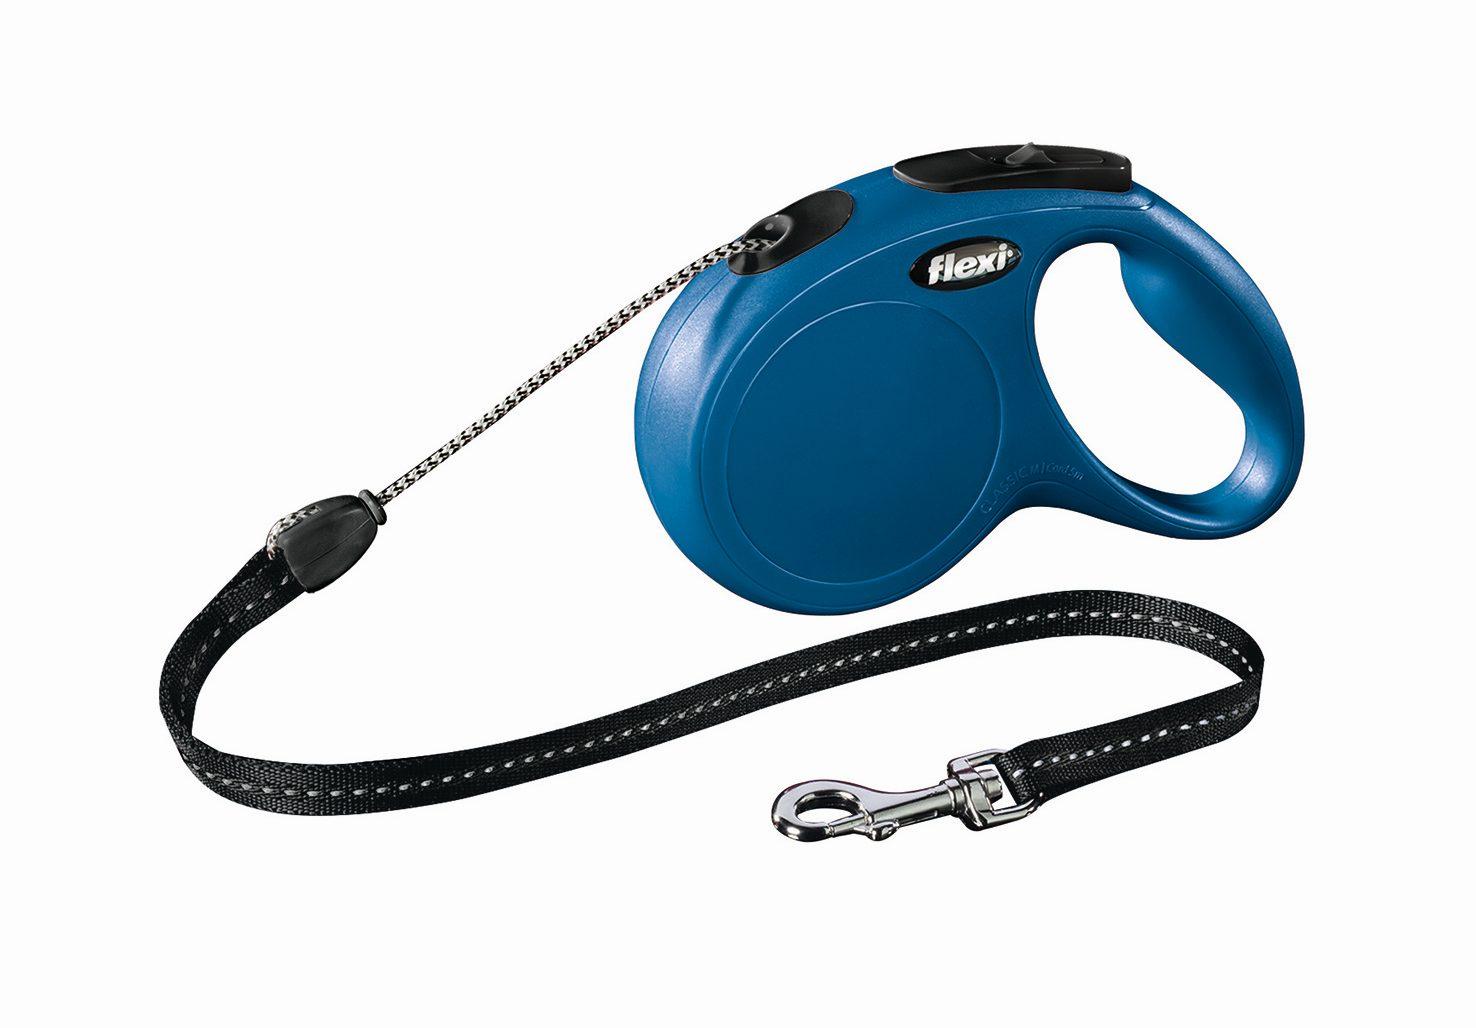 Поводок-рулетка Flexi Classic Long S для собак до 12 кг, цвет: синий, 8 м поводок рулетка freego гепард для собак до 12 кг размер s цвет бежевый коричневый 3 м